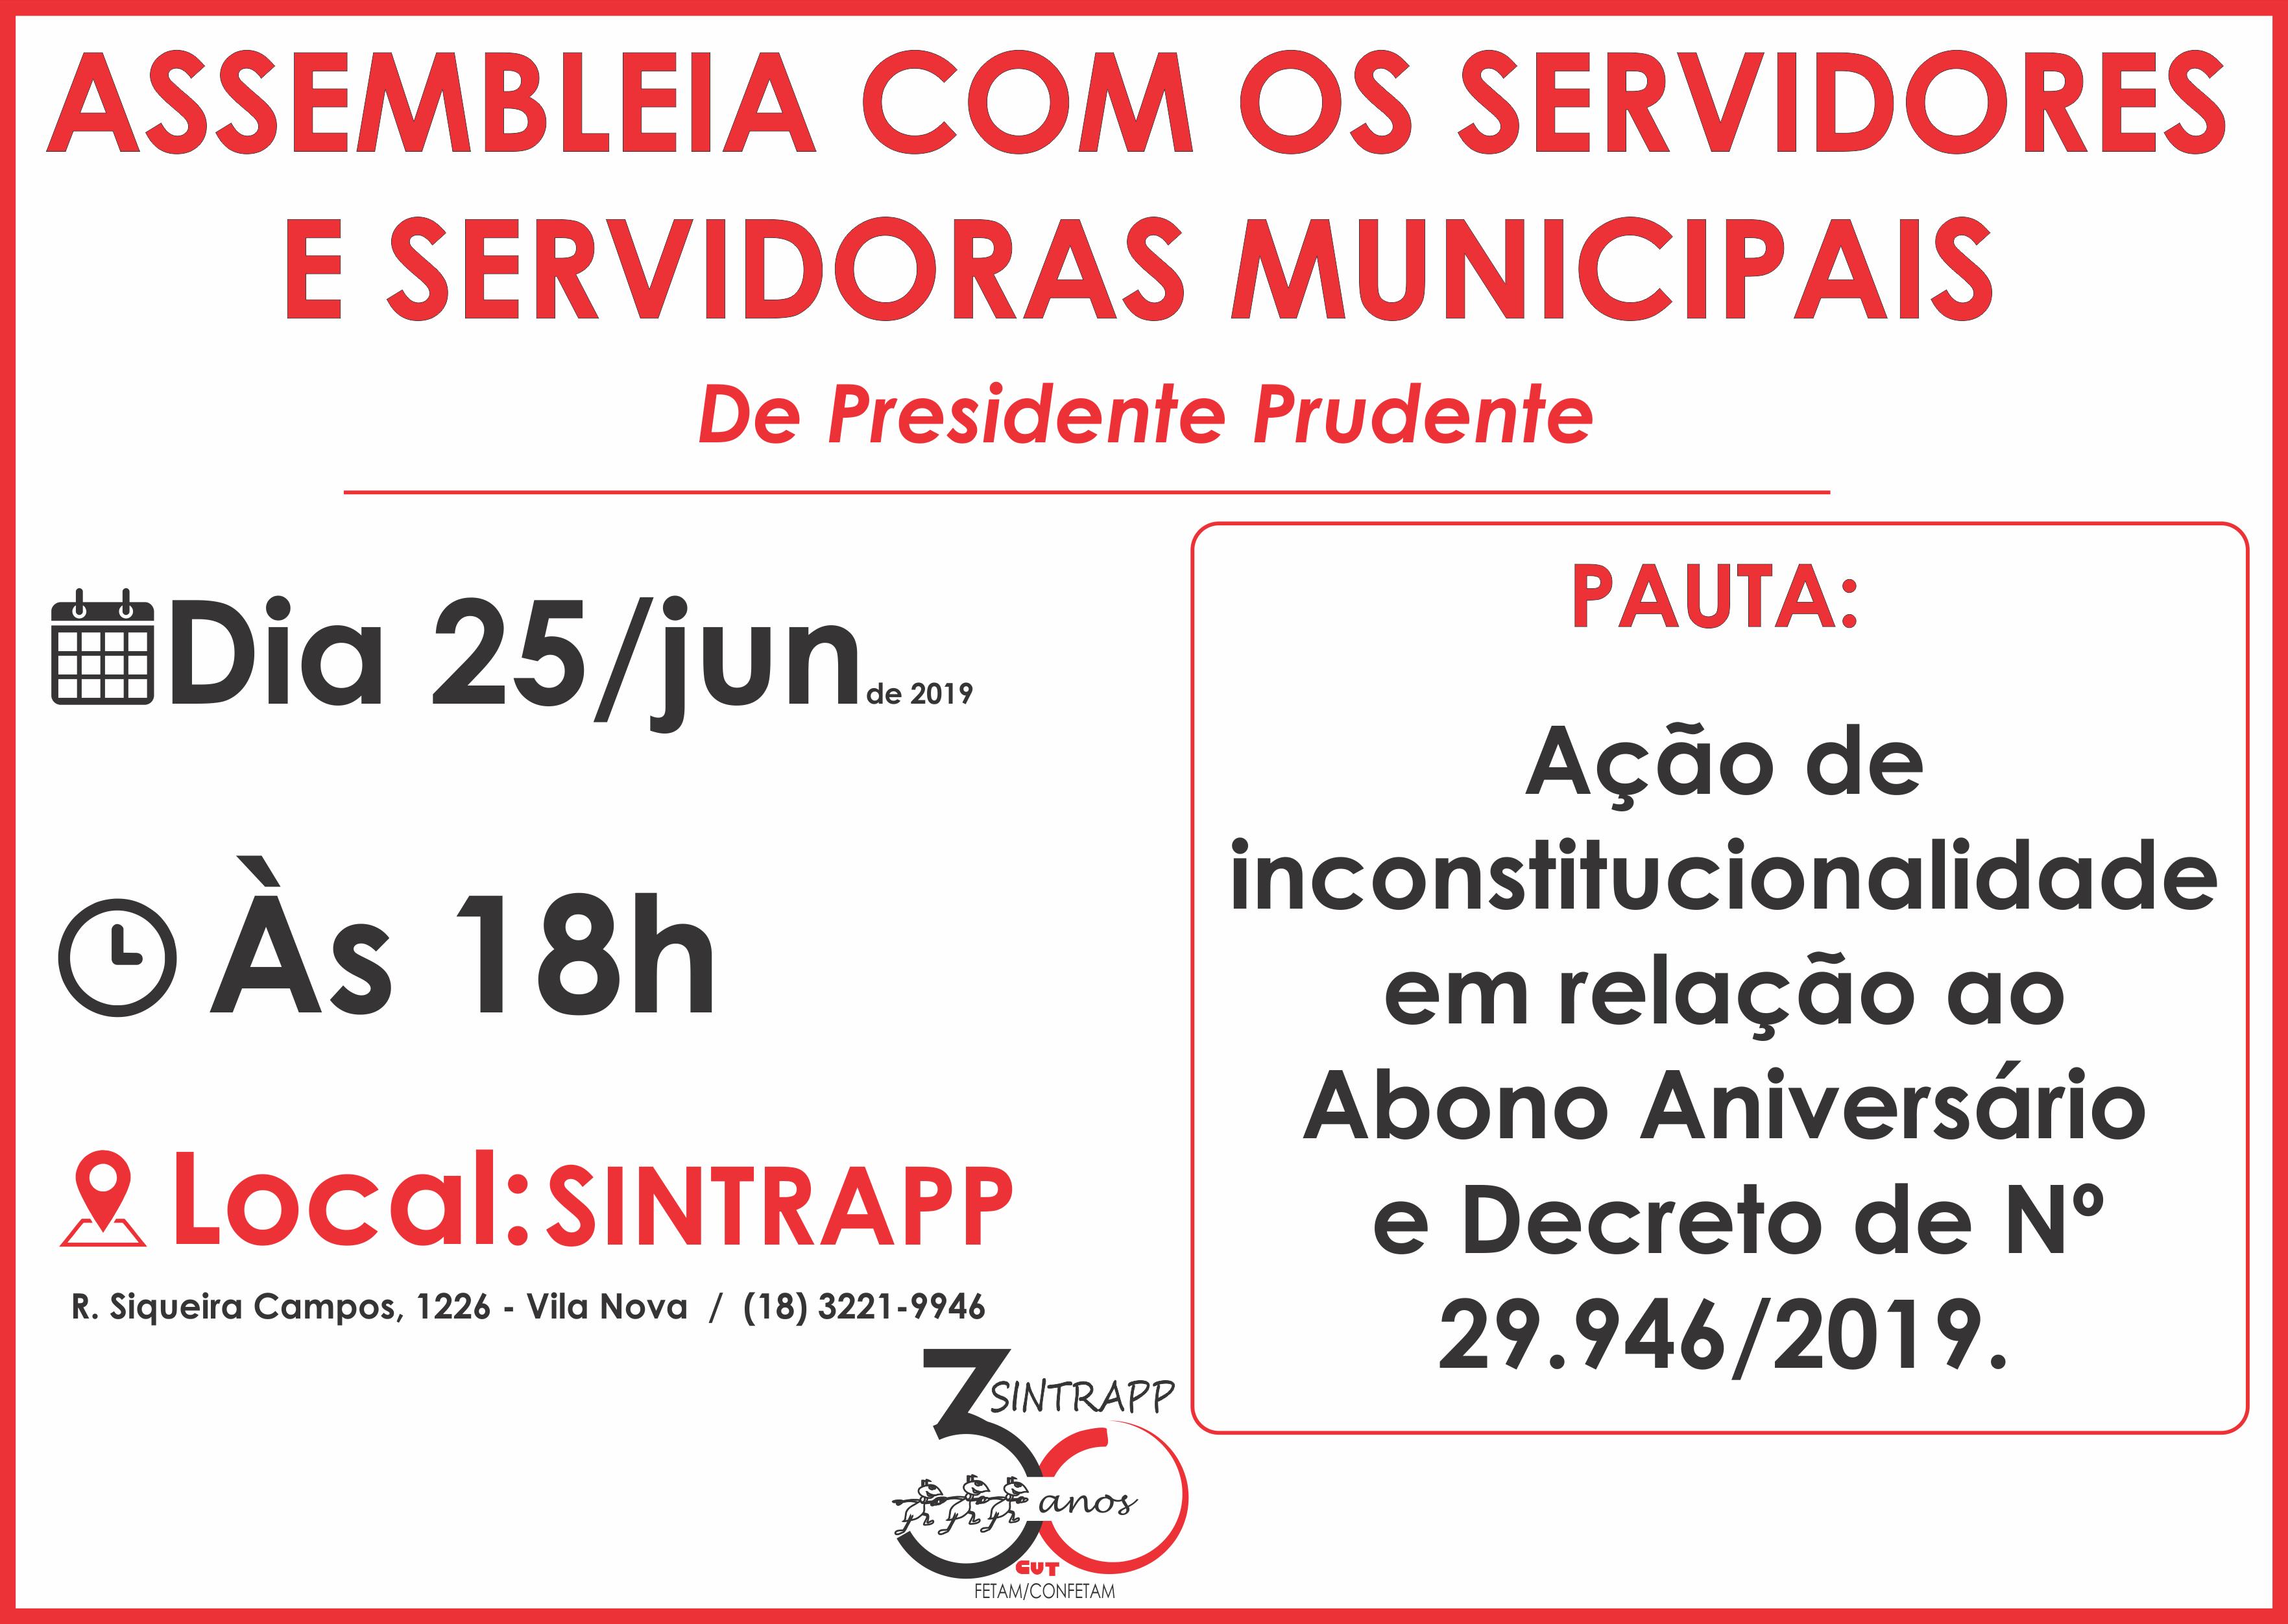 Sintrapp convoca para a assembleia geral no dia 25/06